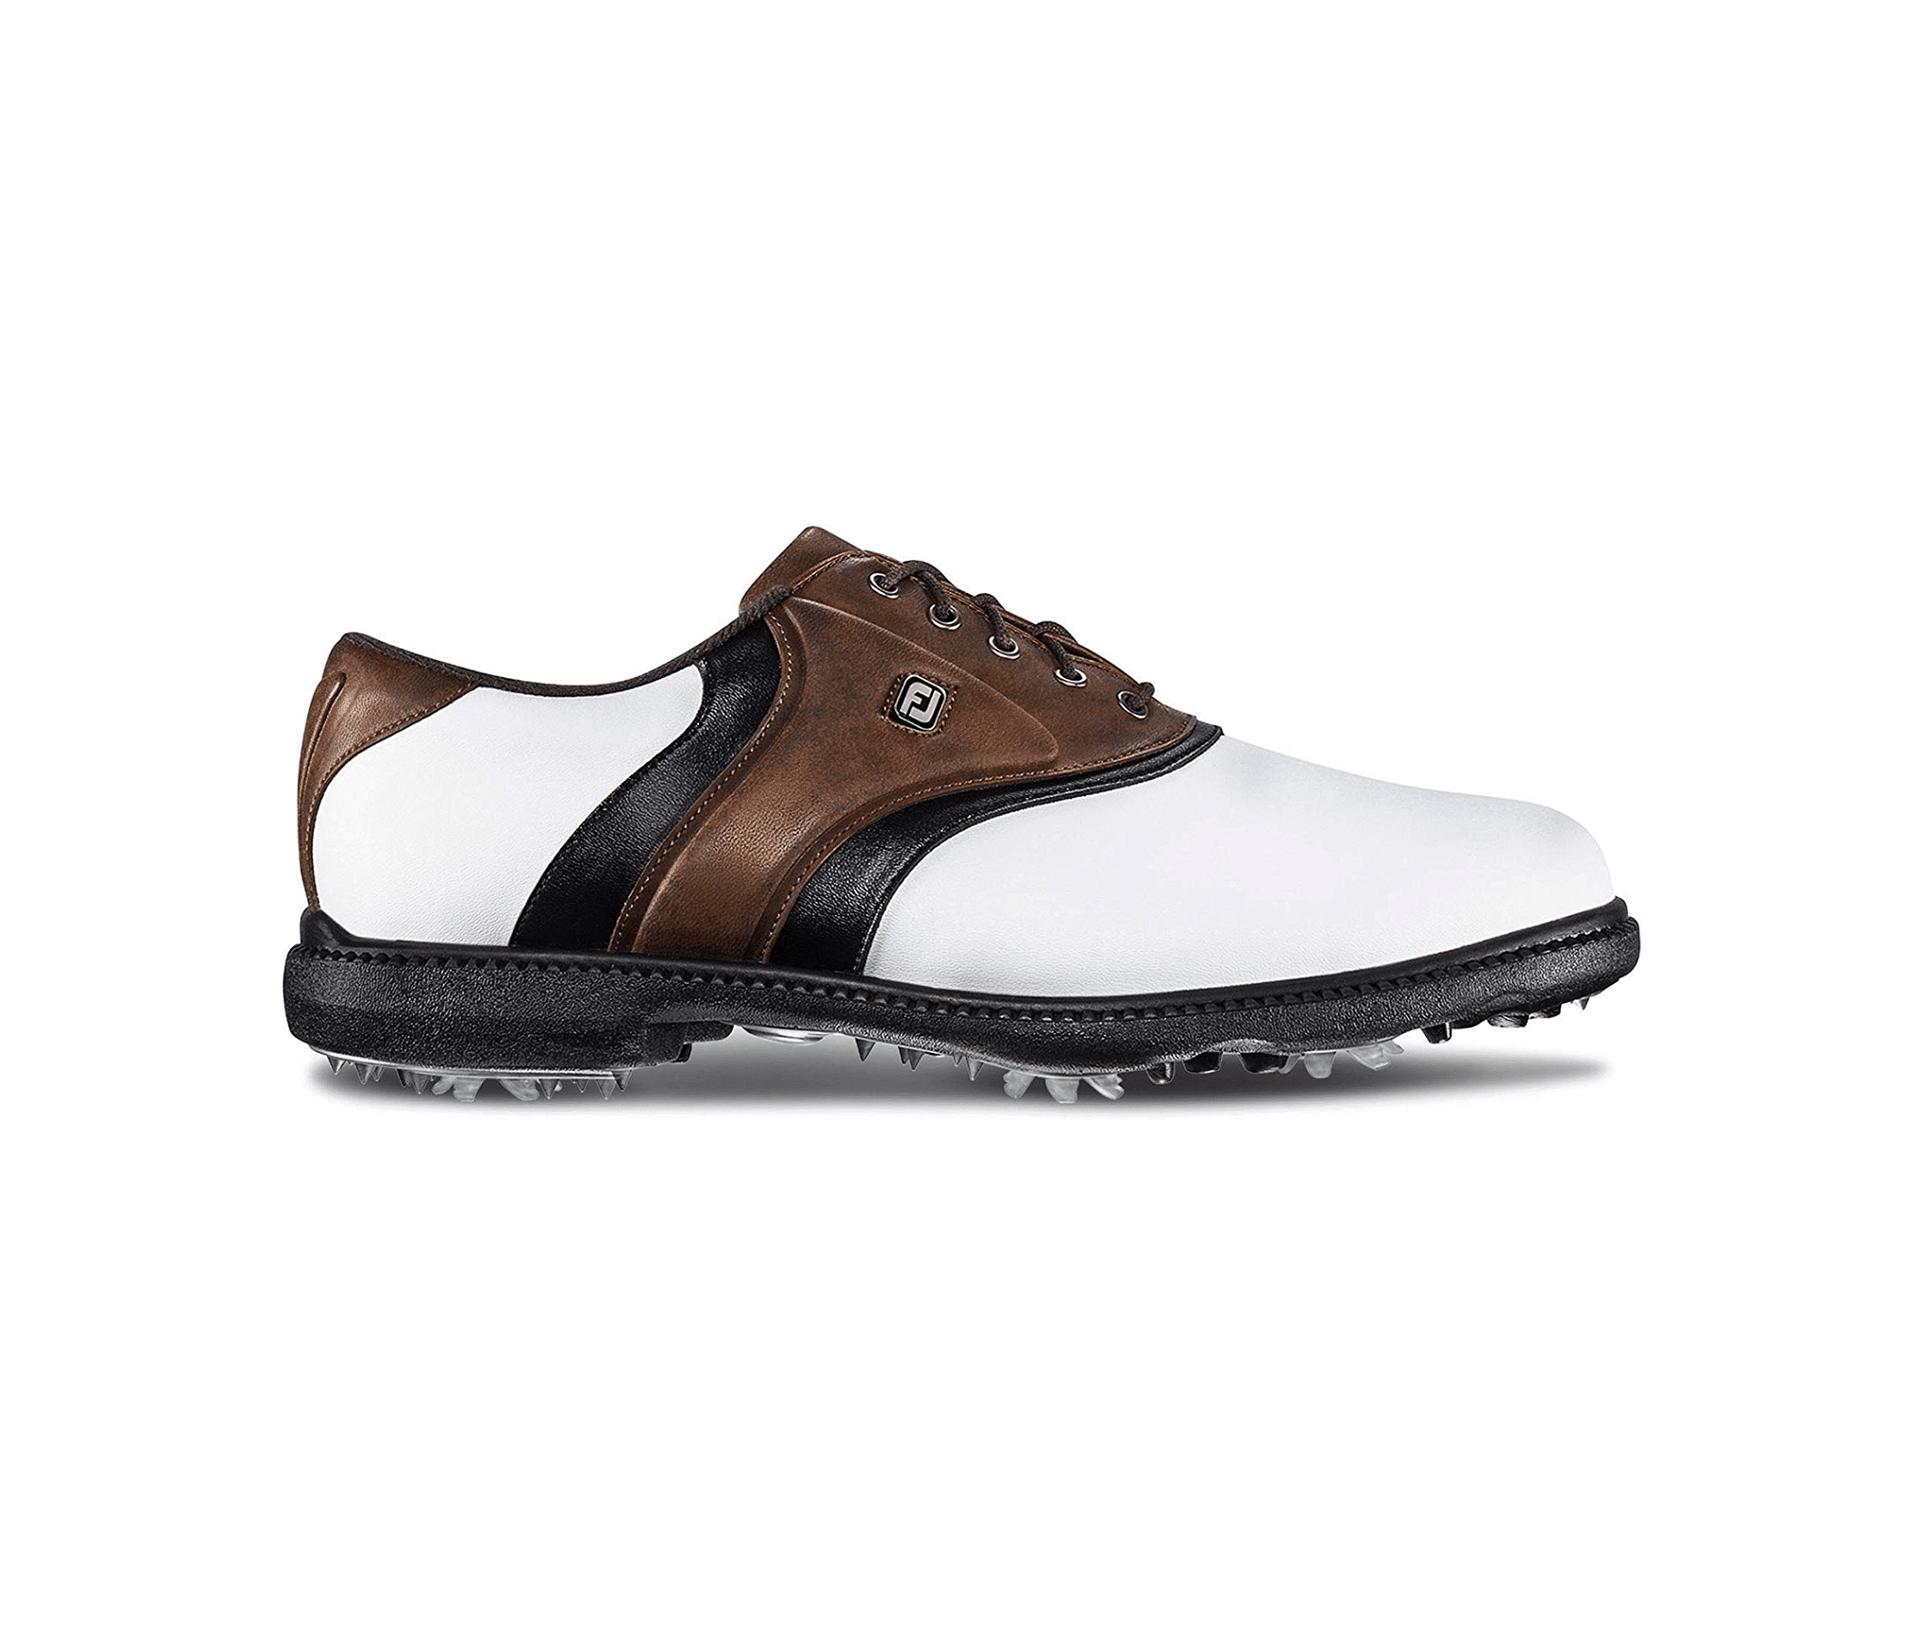 FootJoy Men's Fj Originals Golf Shoes